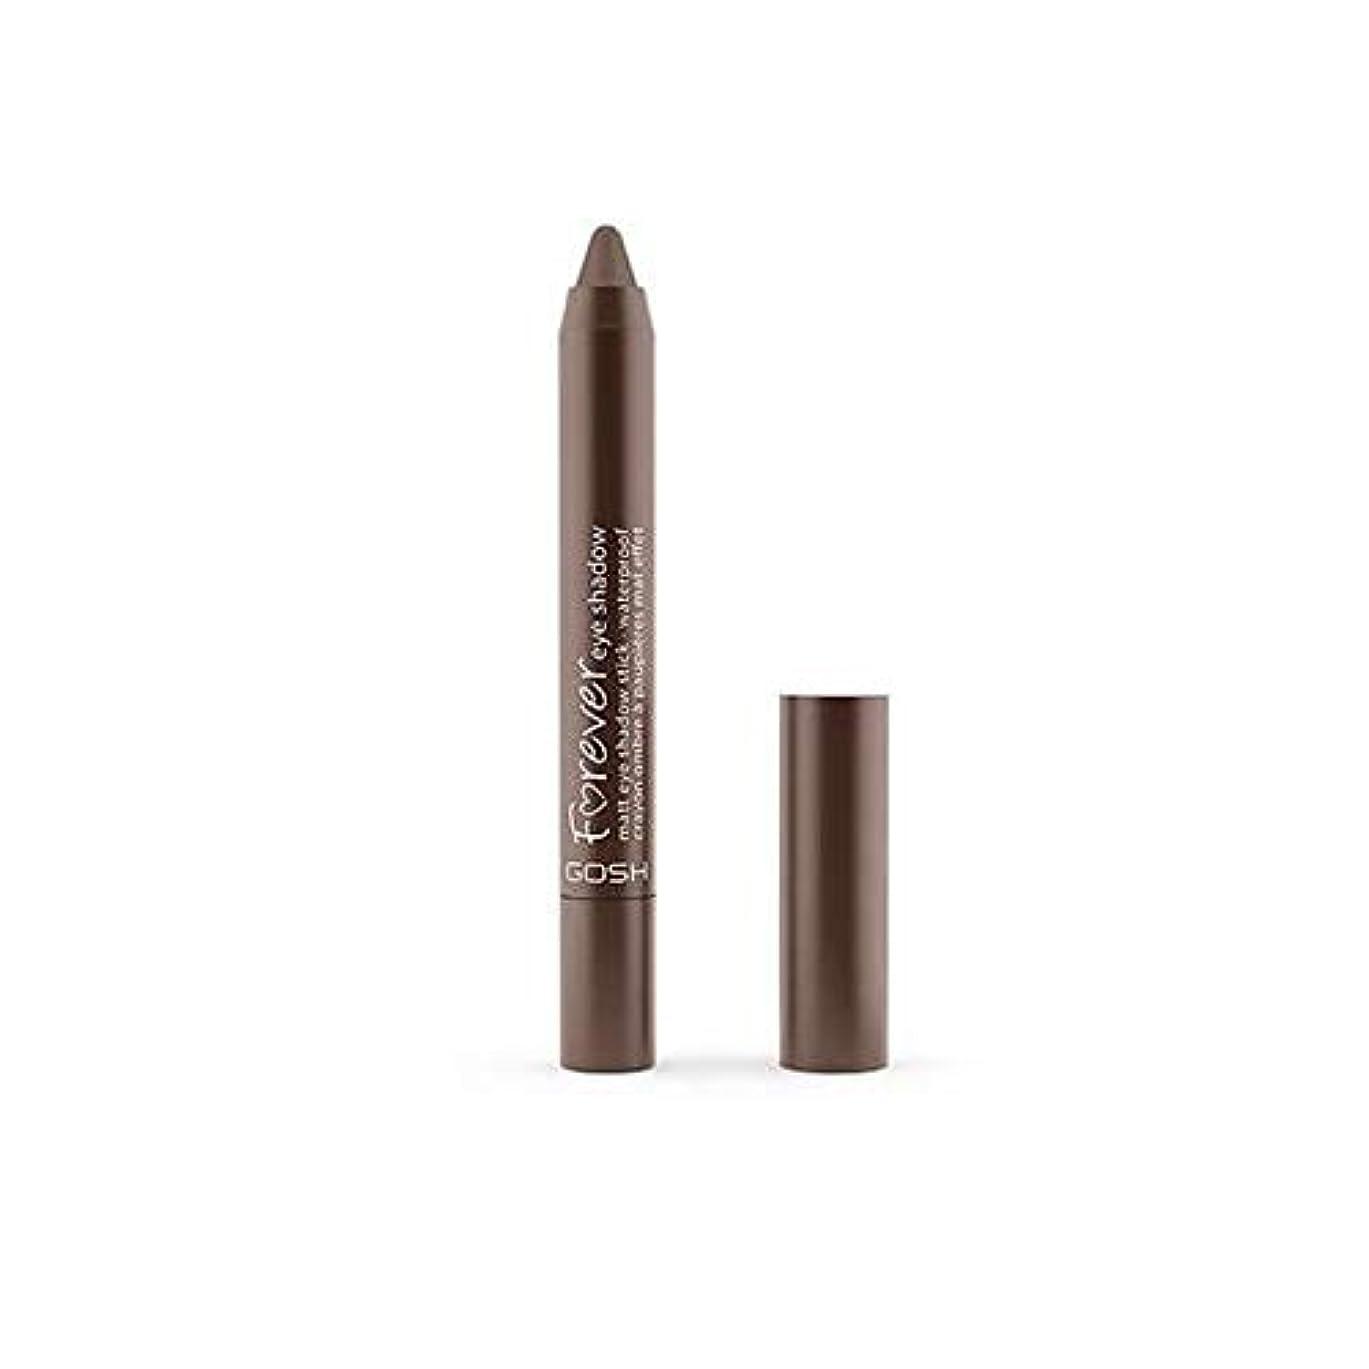 アスリート今日ましい[GOSH ] おやっ永遠にシングルアイシャドウクレヨン11のD /ブラウン1.5グラムをマット - Gosh Forever Matte Single Eyeshadow Crayon 11 D/Brown 1.5G...